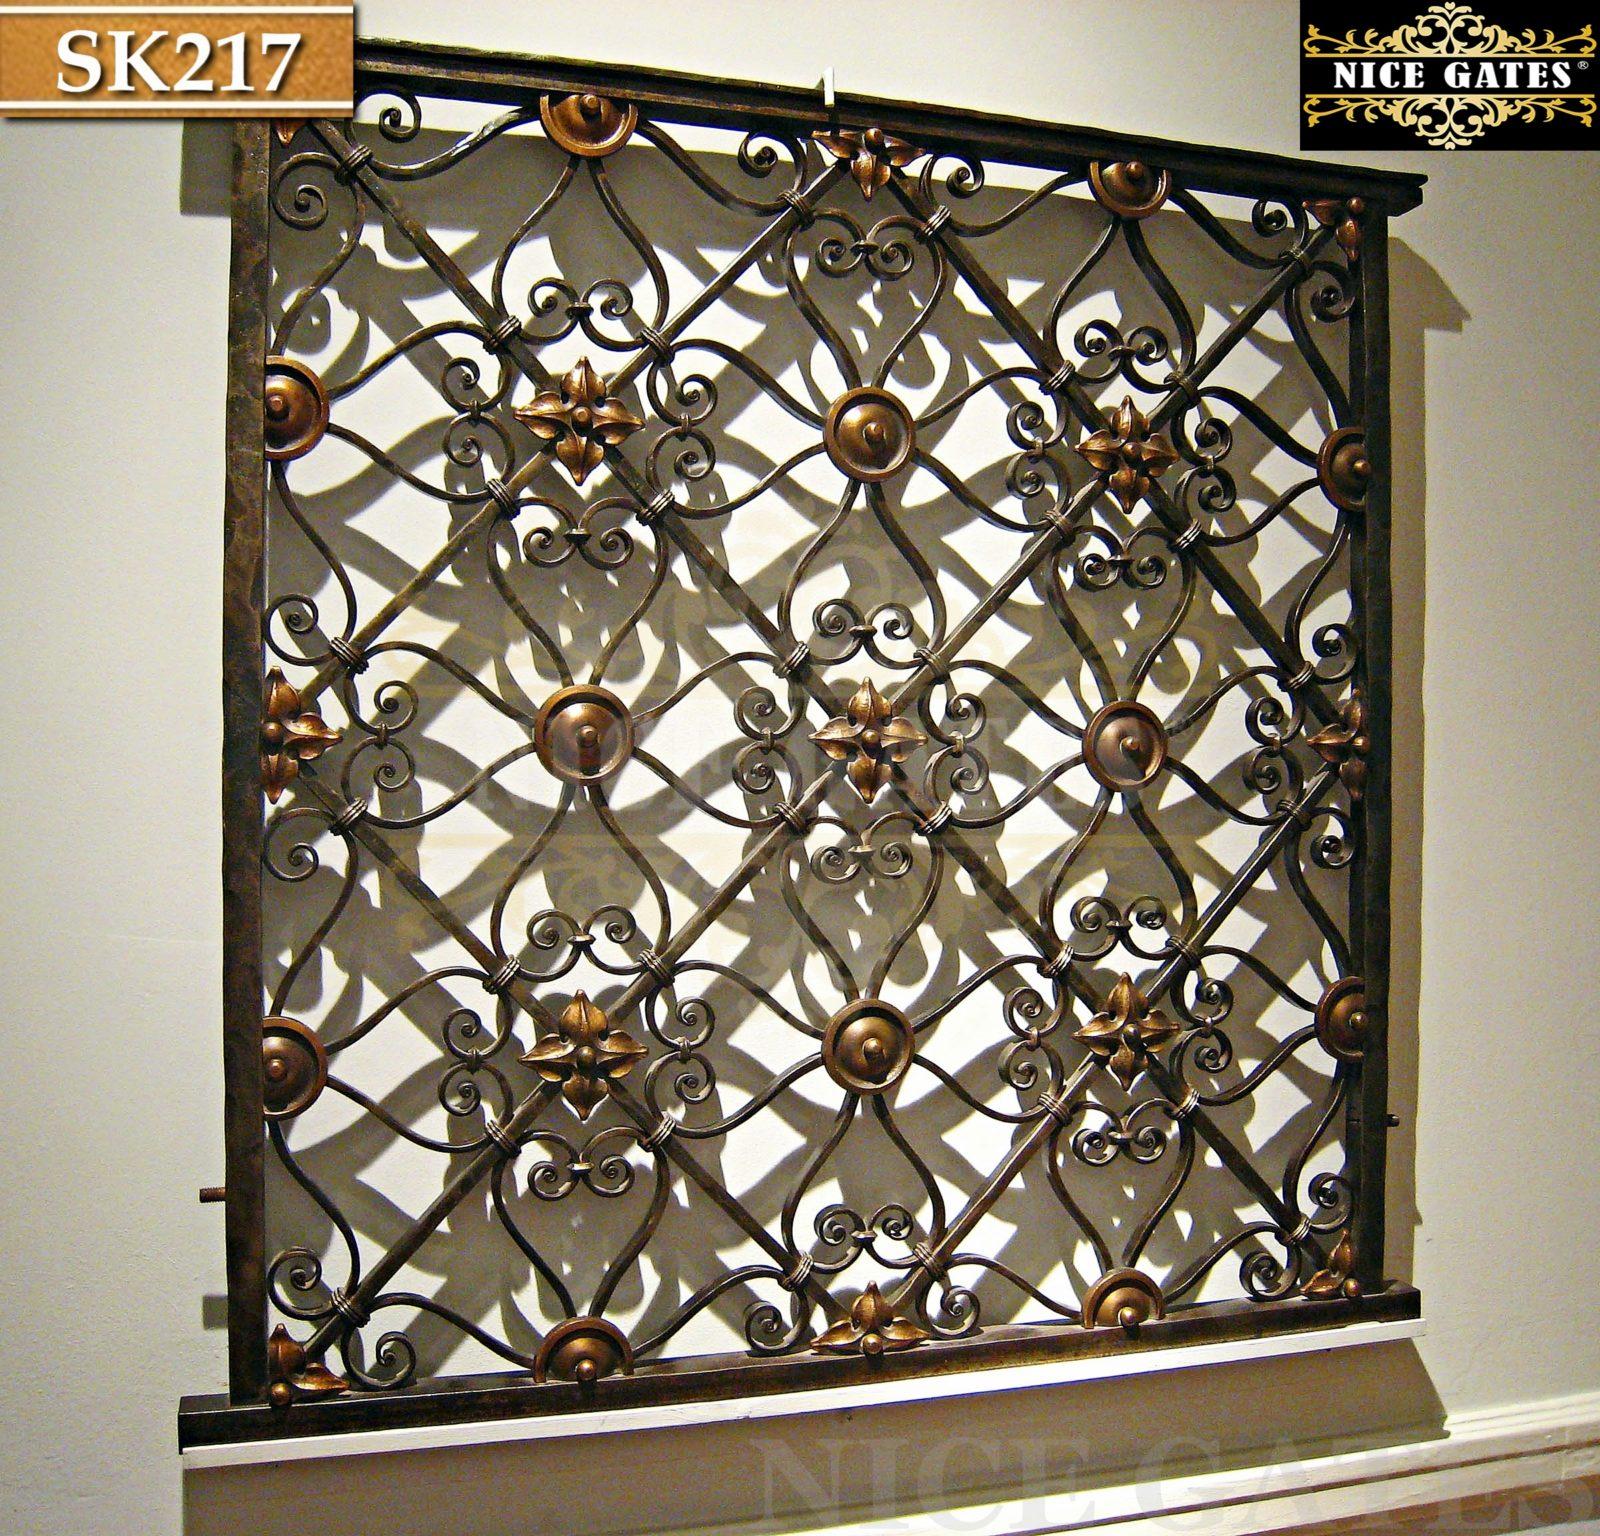 Khung sắt đặc trang trí cửa sổ- SK217